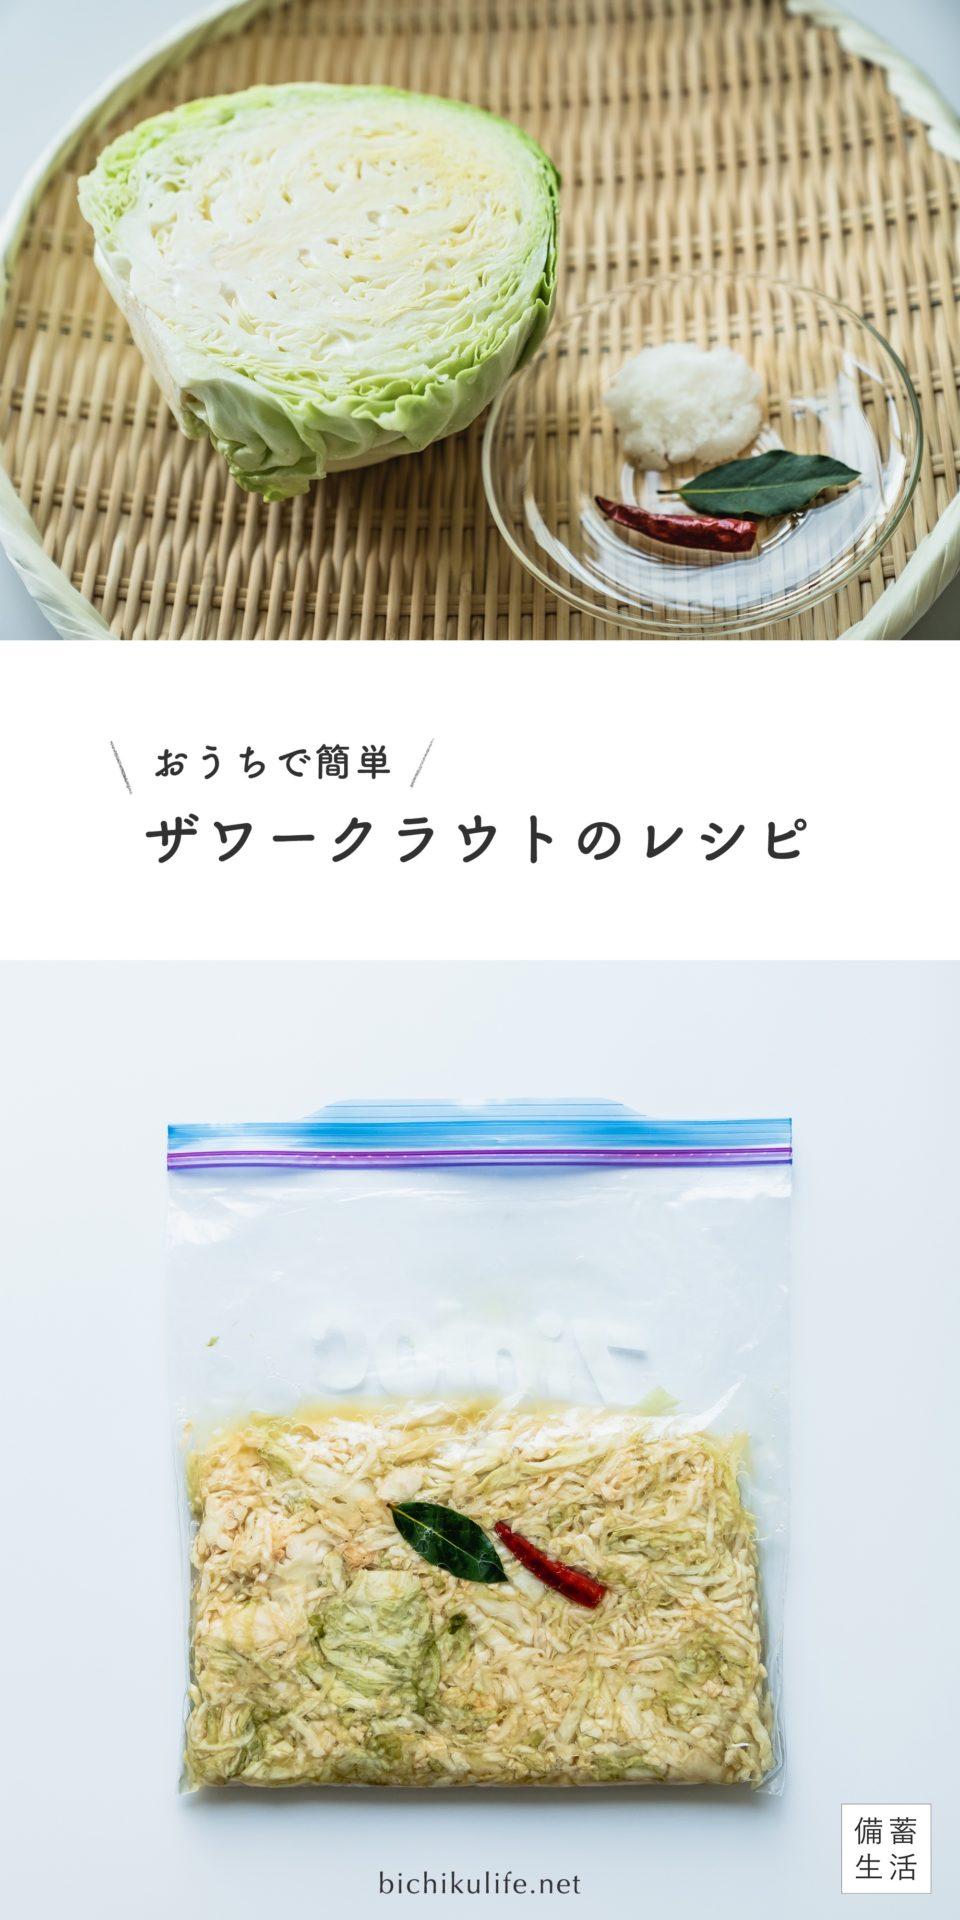 おうちで簡単 自家製ザワークラウトのレシピ